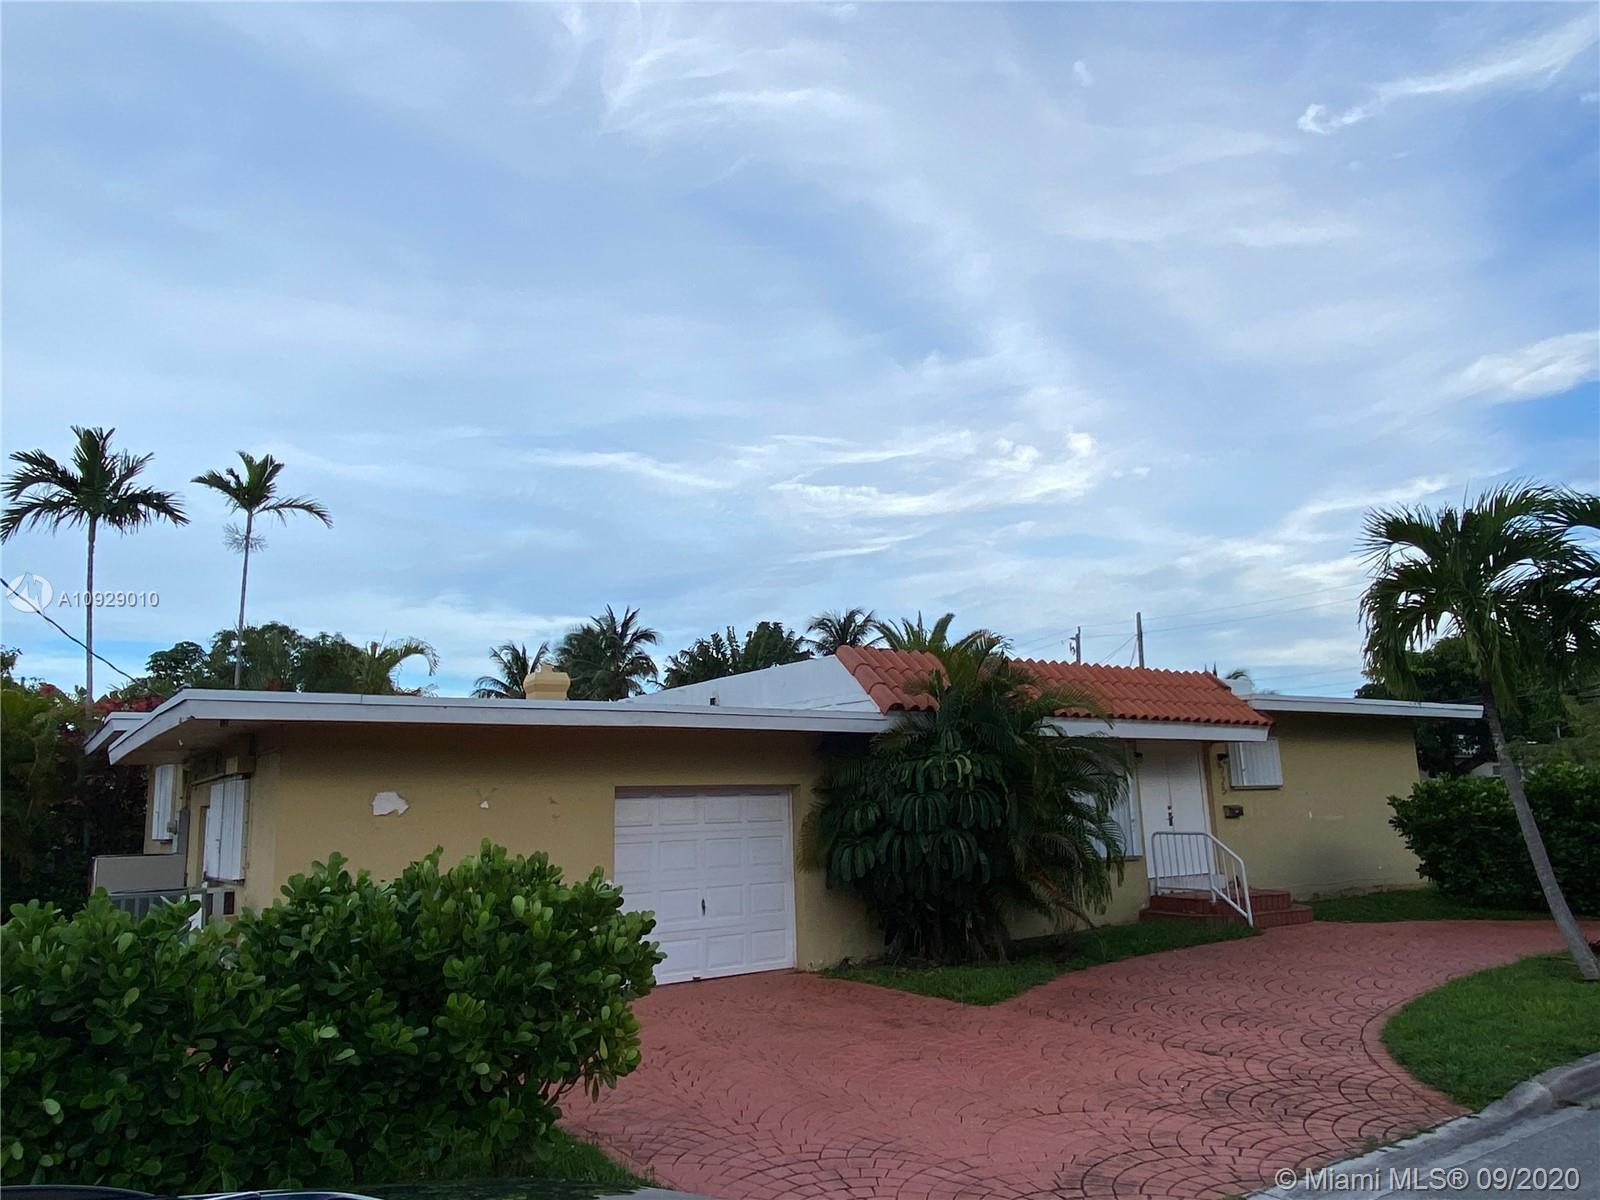 725 91st St, Surfside, Florida 33154